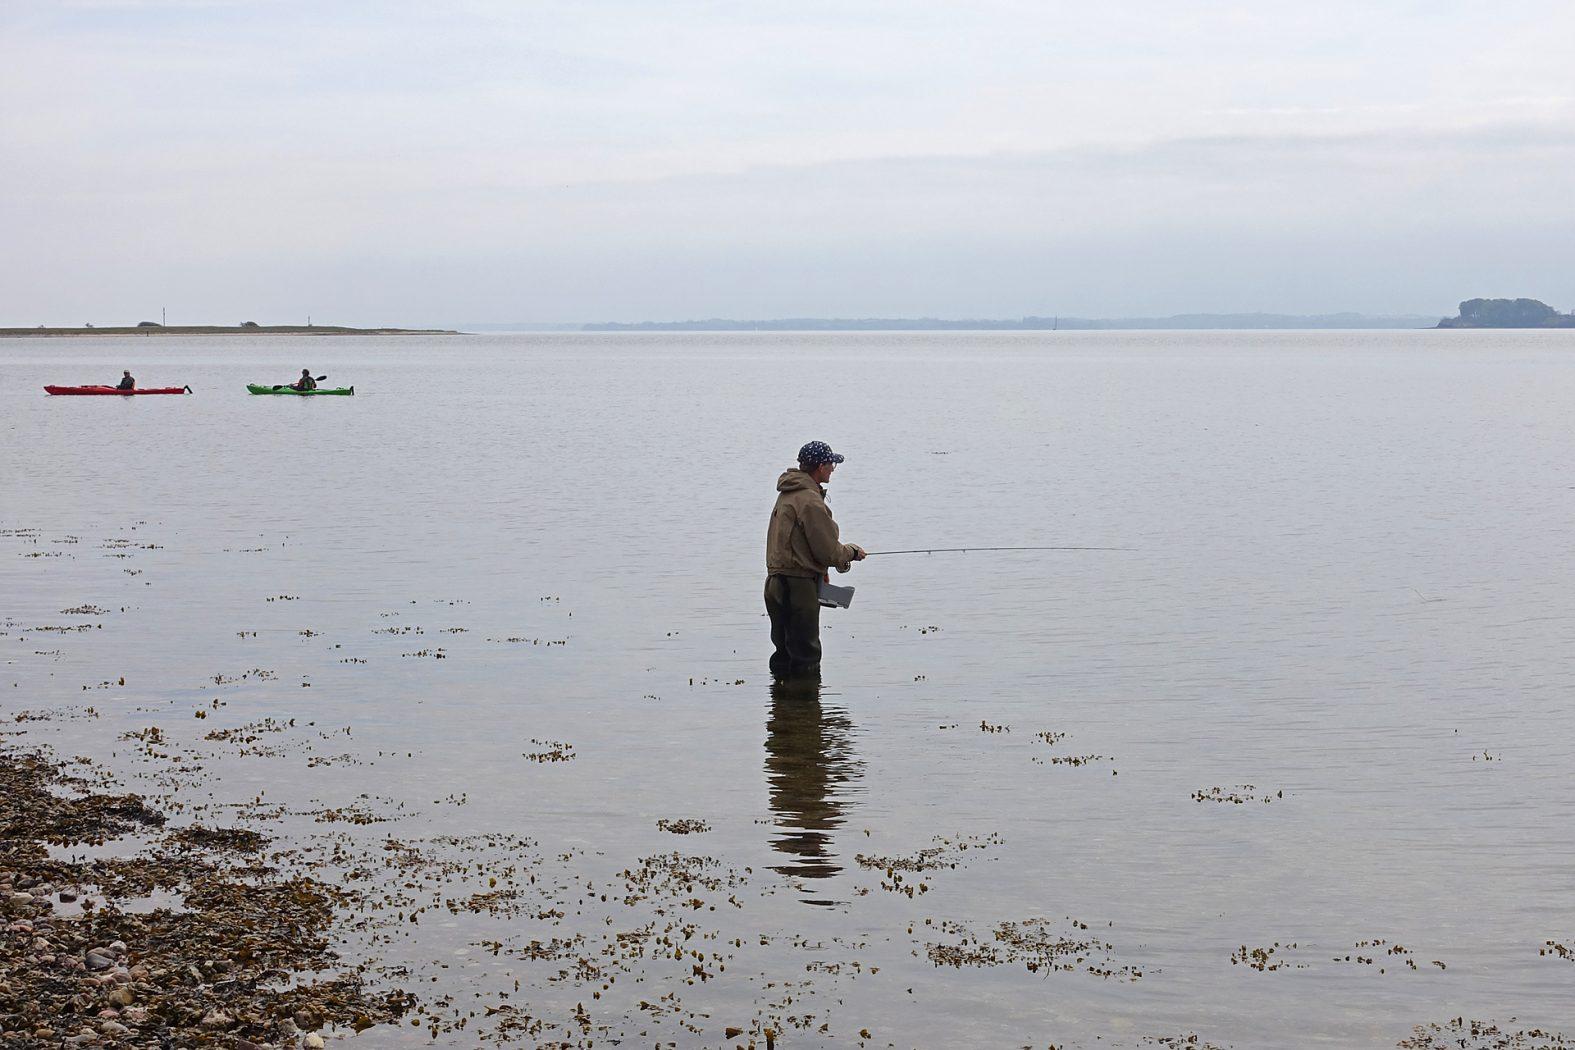 Meerforellenangeln auf der Insel Barsø in Dänemark